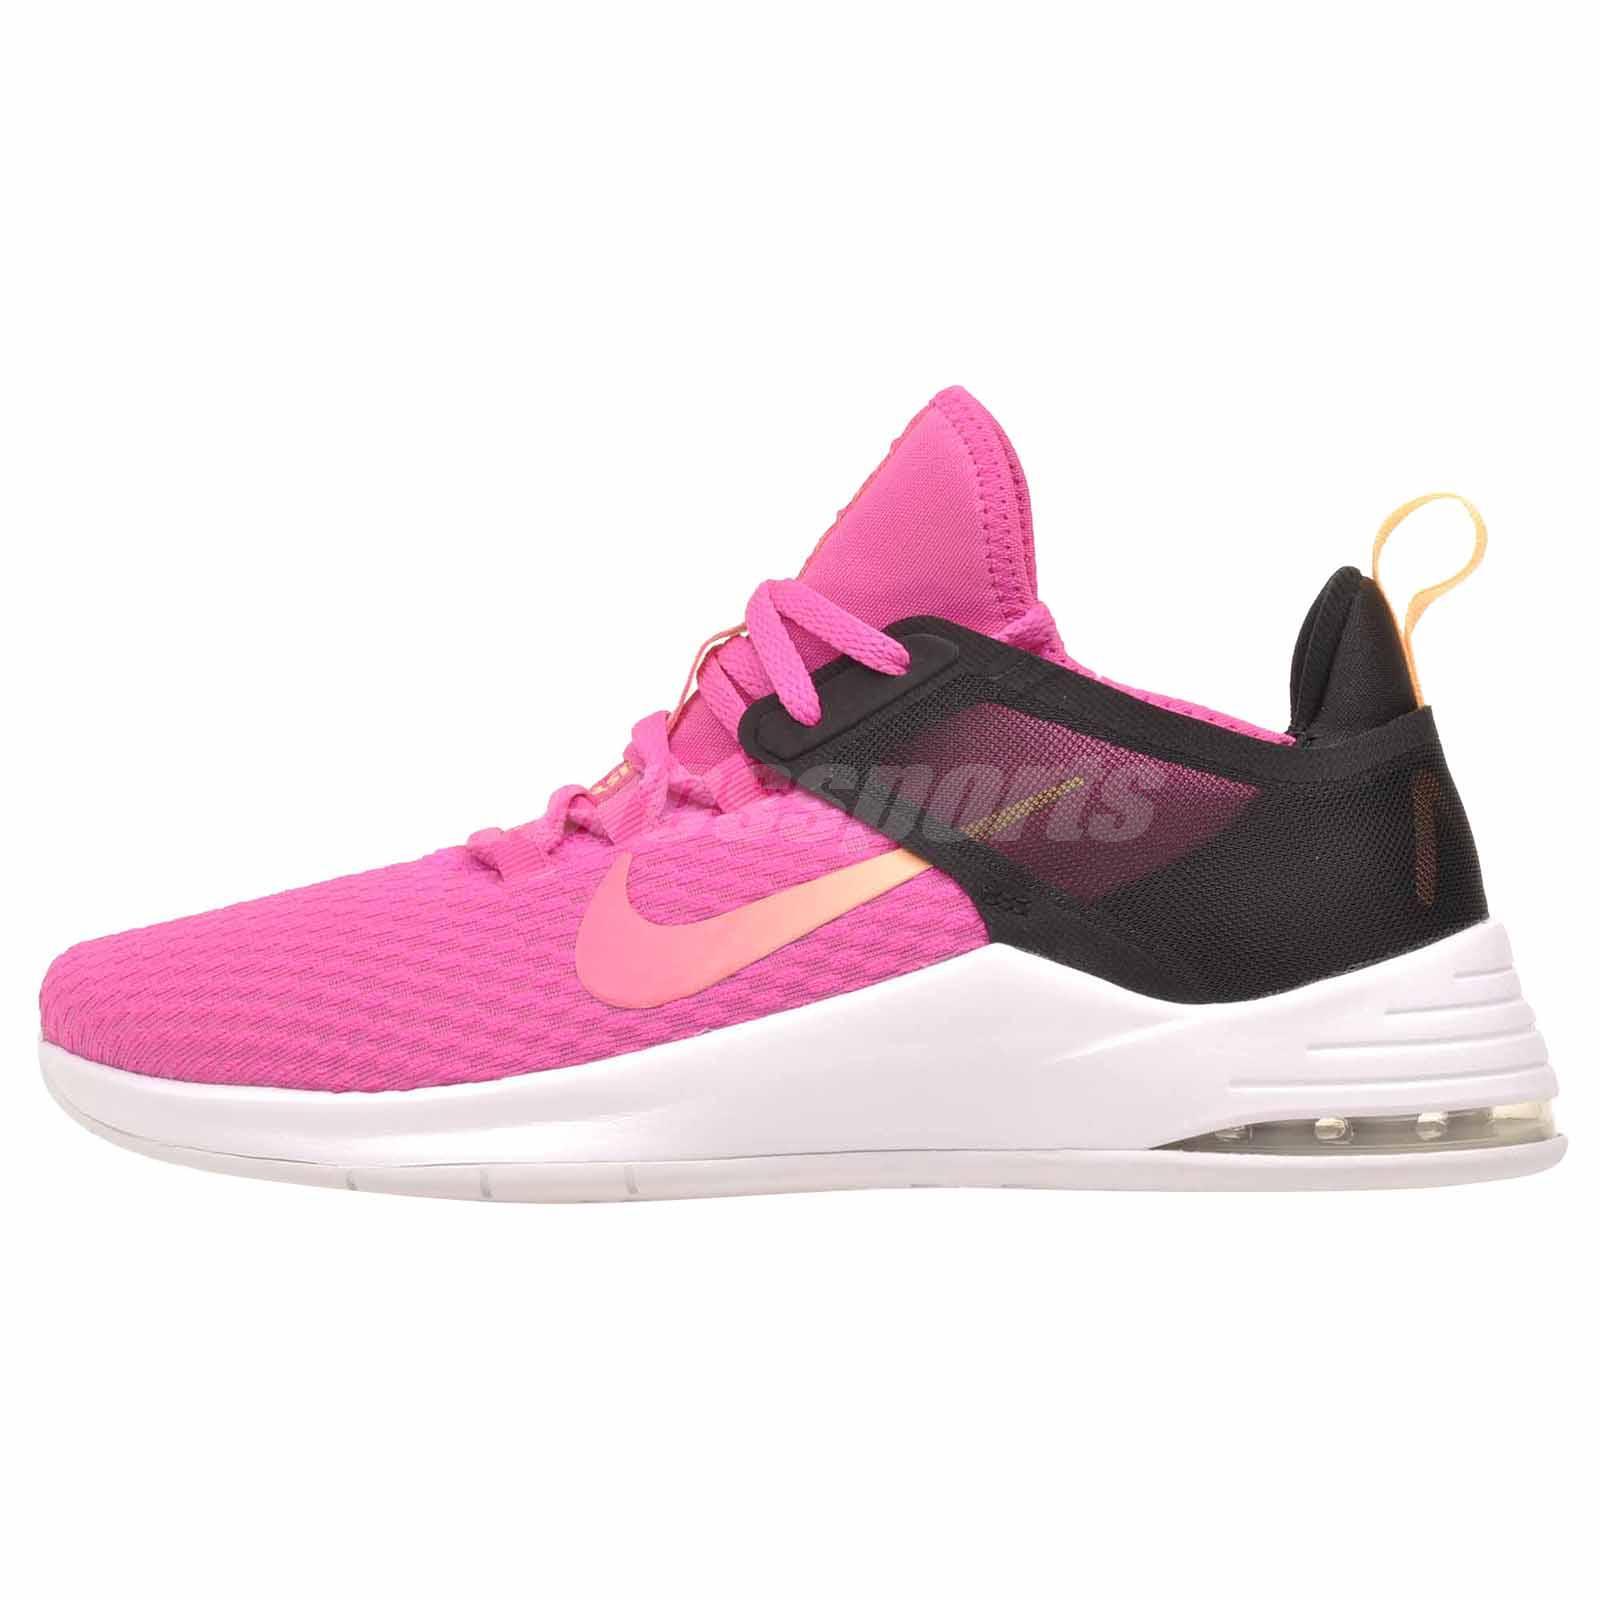 Shoes NIKE Air Max Bella Tr 2 AQ7492 101 WhiteMetallic Gold